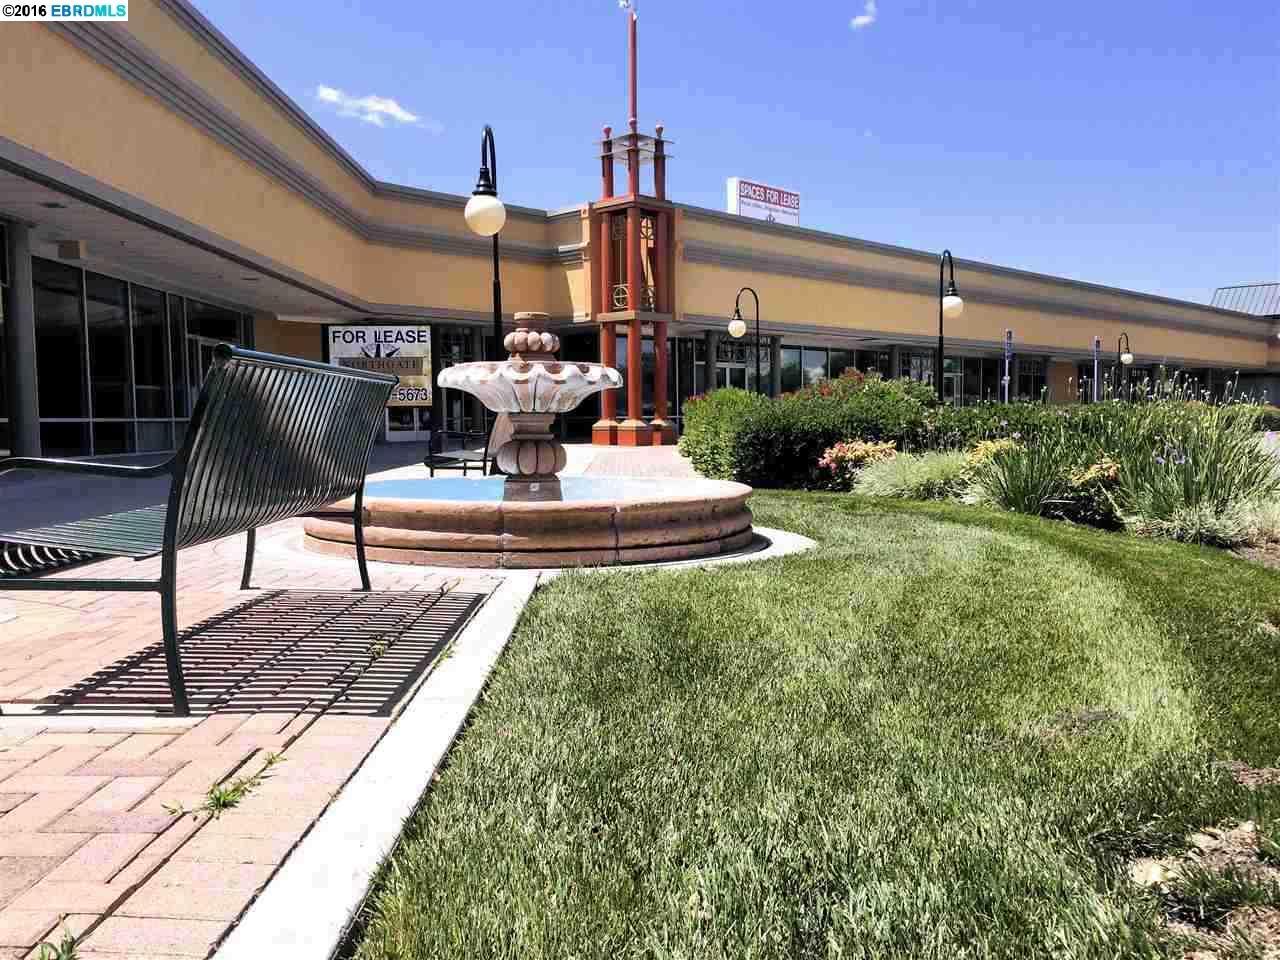 Casa Unifamiliar por un Alquiler en 1005 E Pescadero suite 215 Tracy, California 95304 Estados Unidos